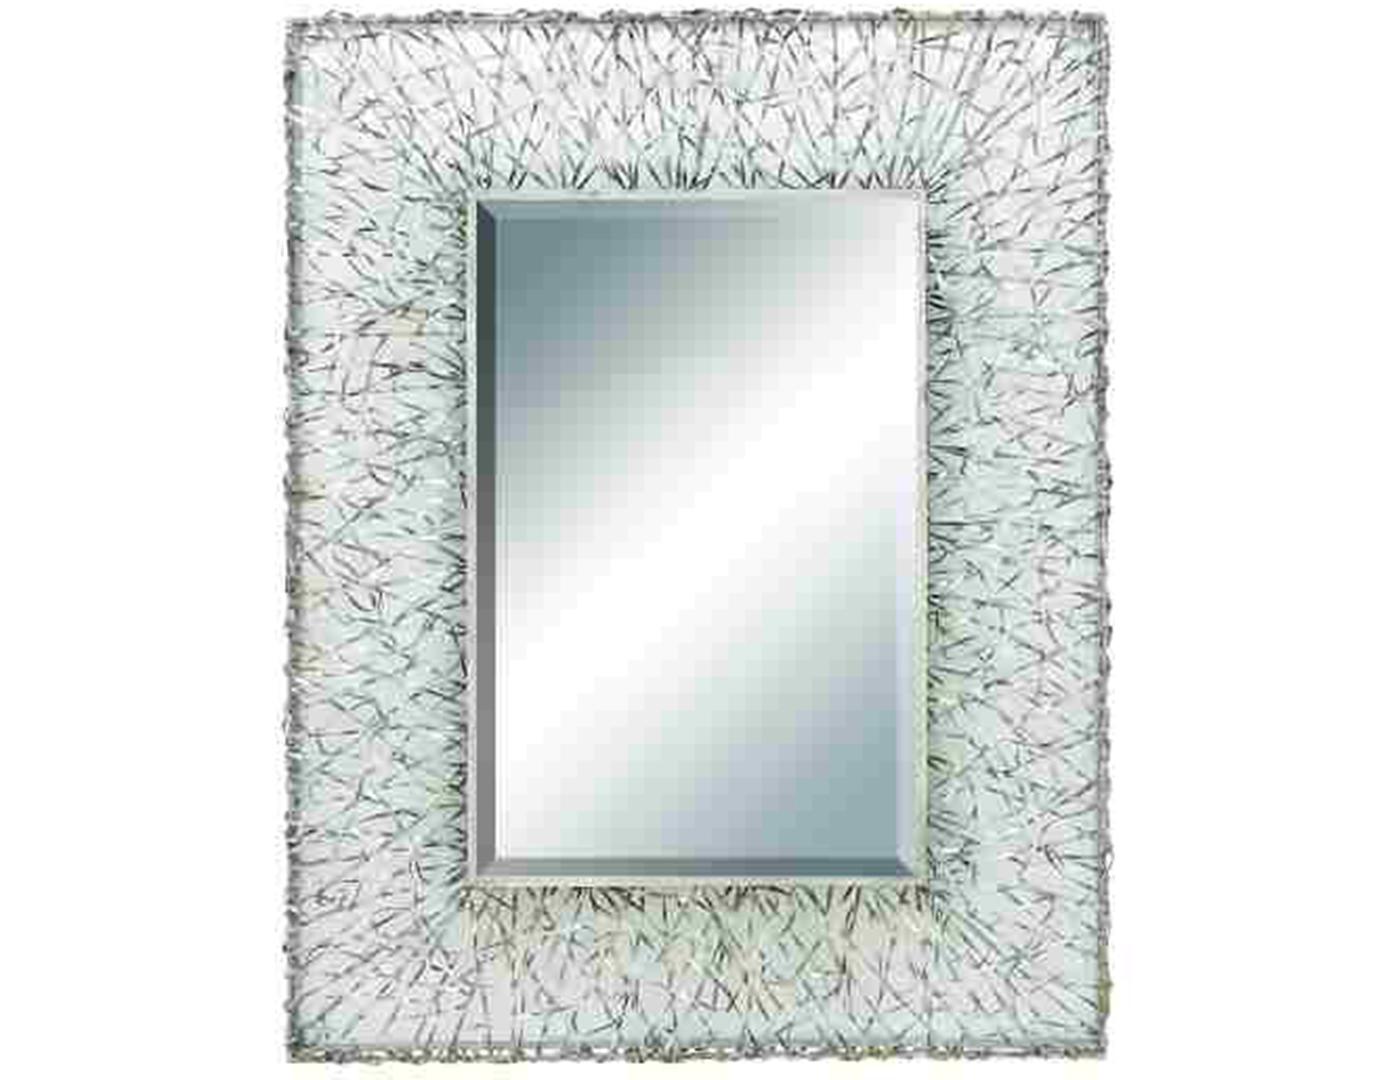 Decor & Accents - Mirrors | Steinhafels